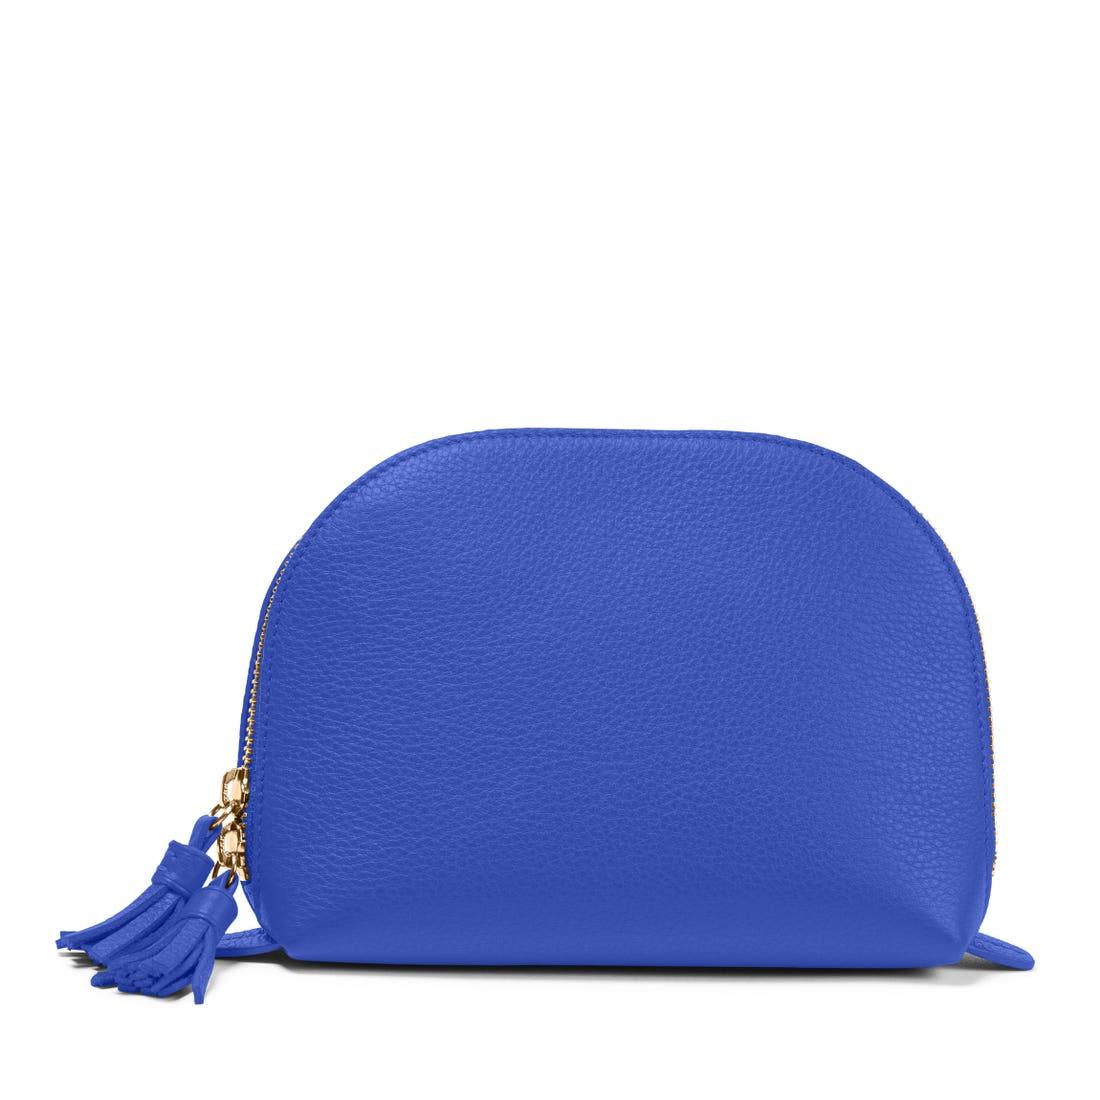 Medium Clamshell Makeup Bag